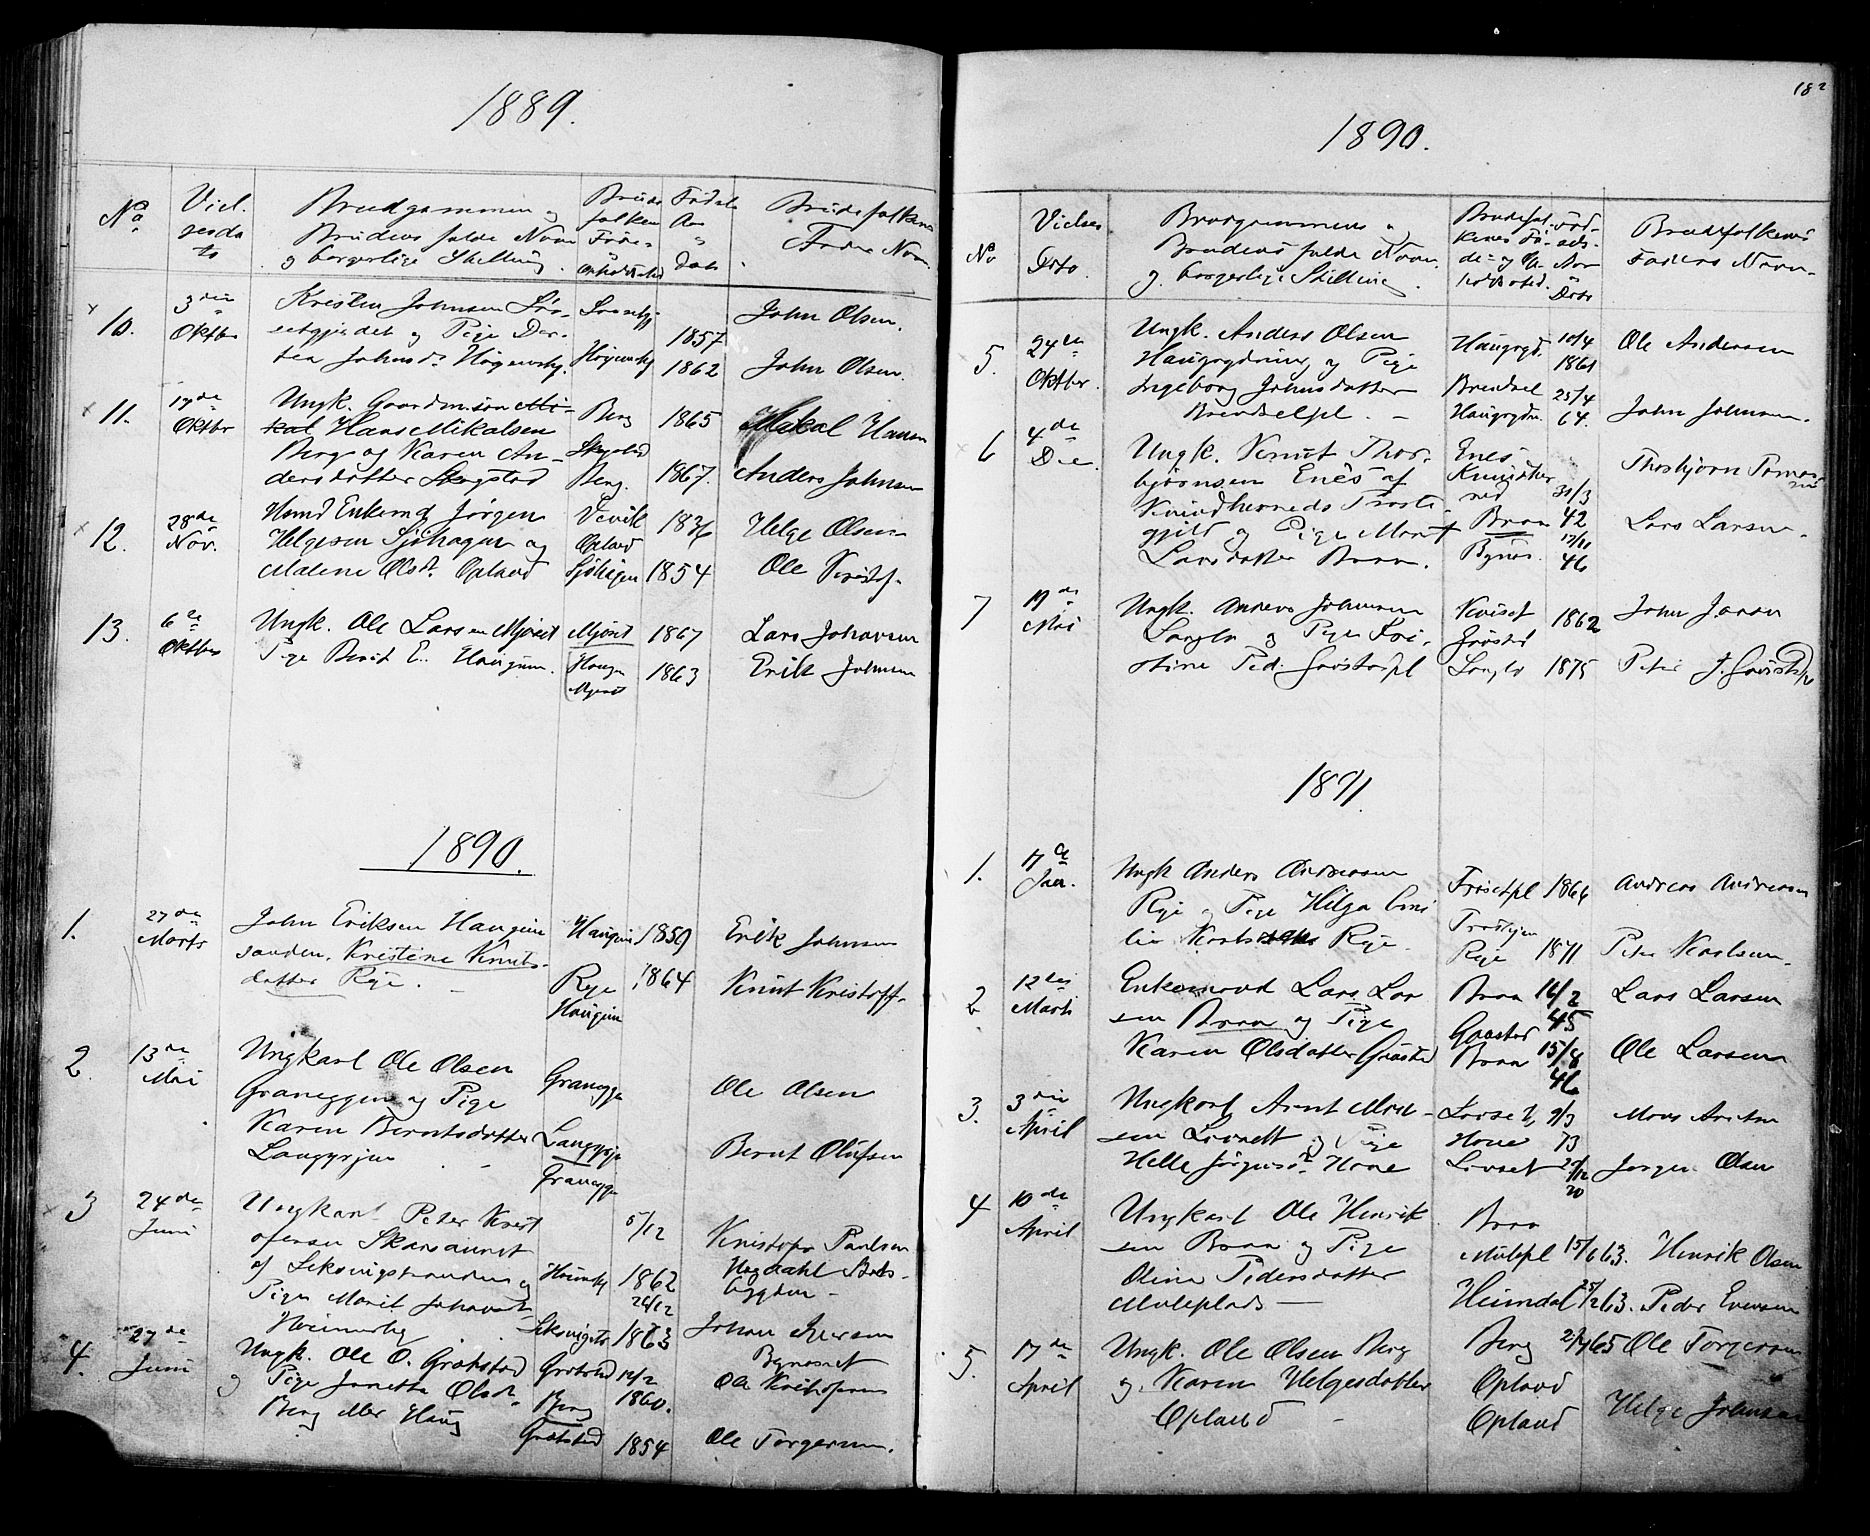 SAT, Ministerialprotokoller, klokkerbøker og fødselsregistre - Sør-Trøndelag, 612/L0387: Klokkerbok nr. 612C03, 1874-1908, s. 182